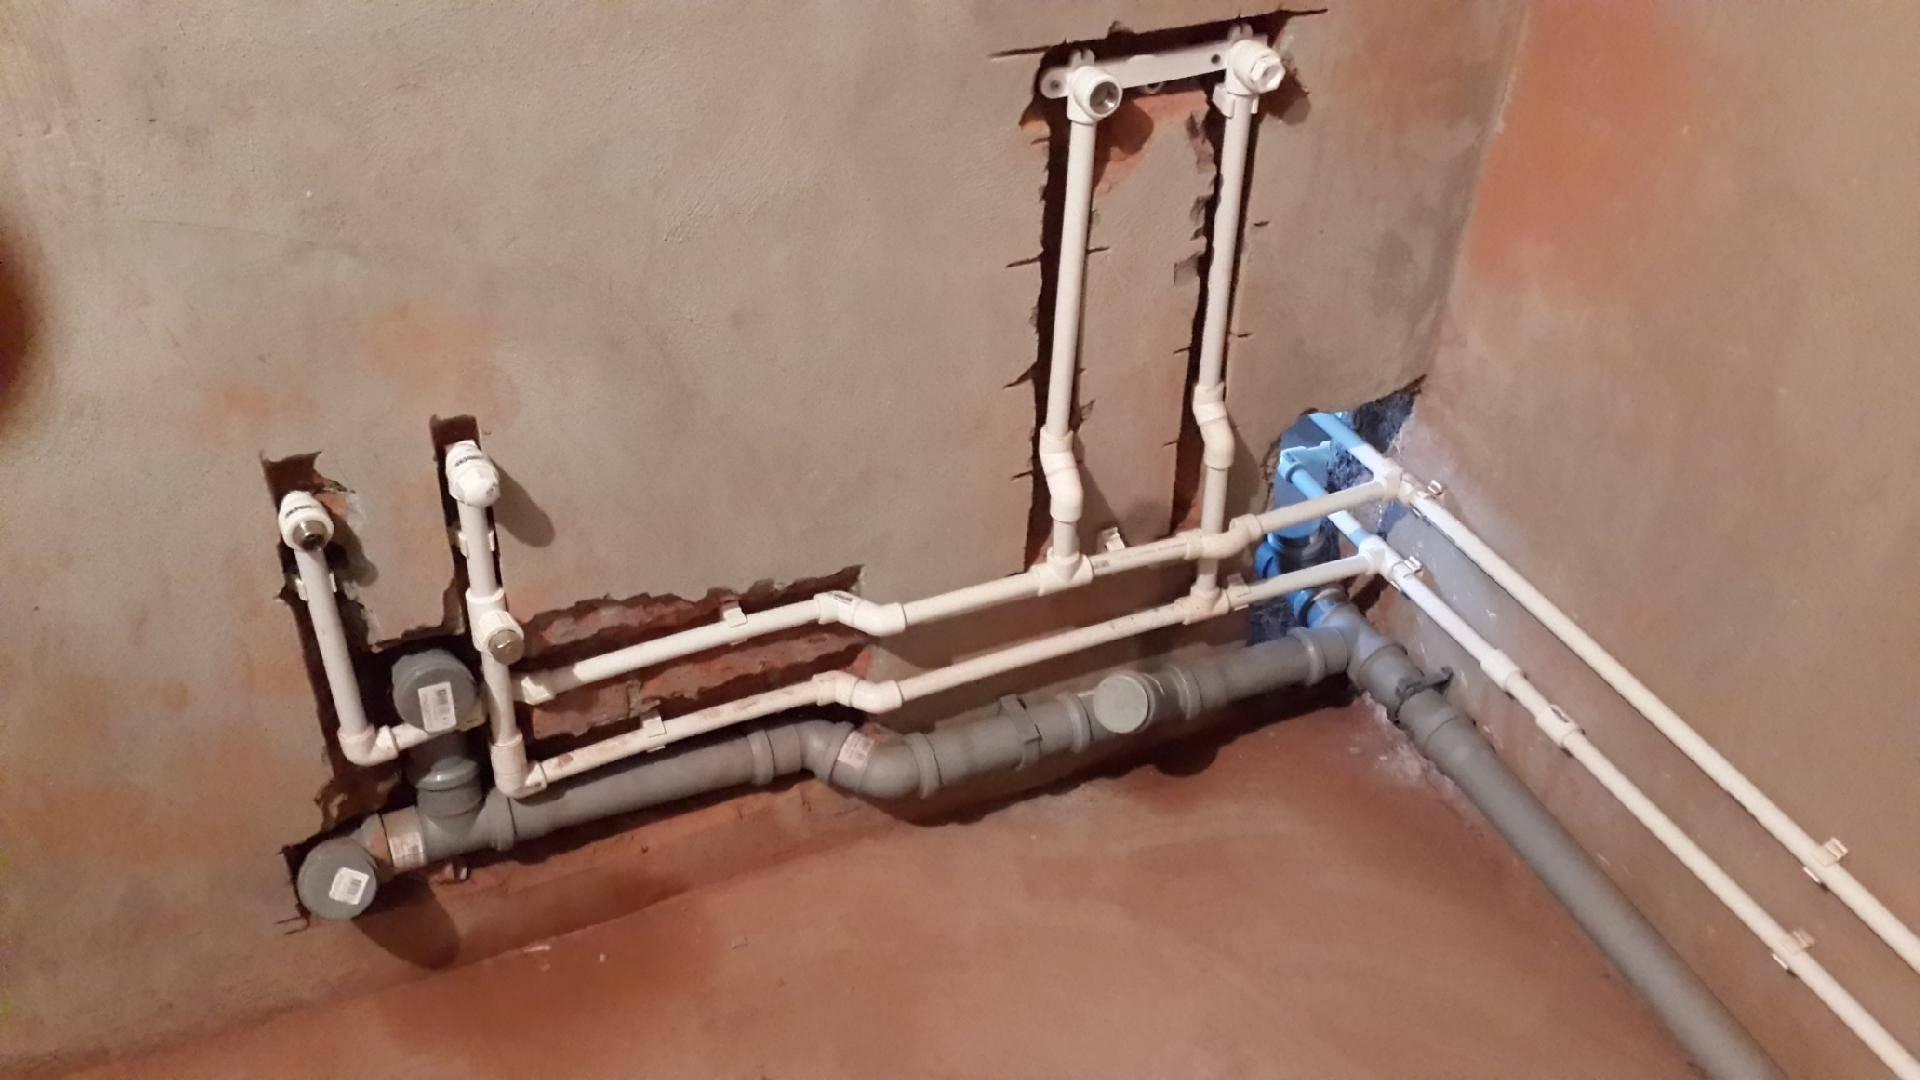 Монтаж пластиковых труб для домашнего водопровода своими руками